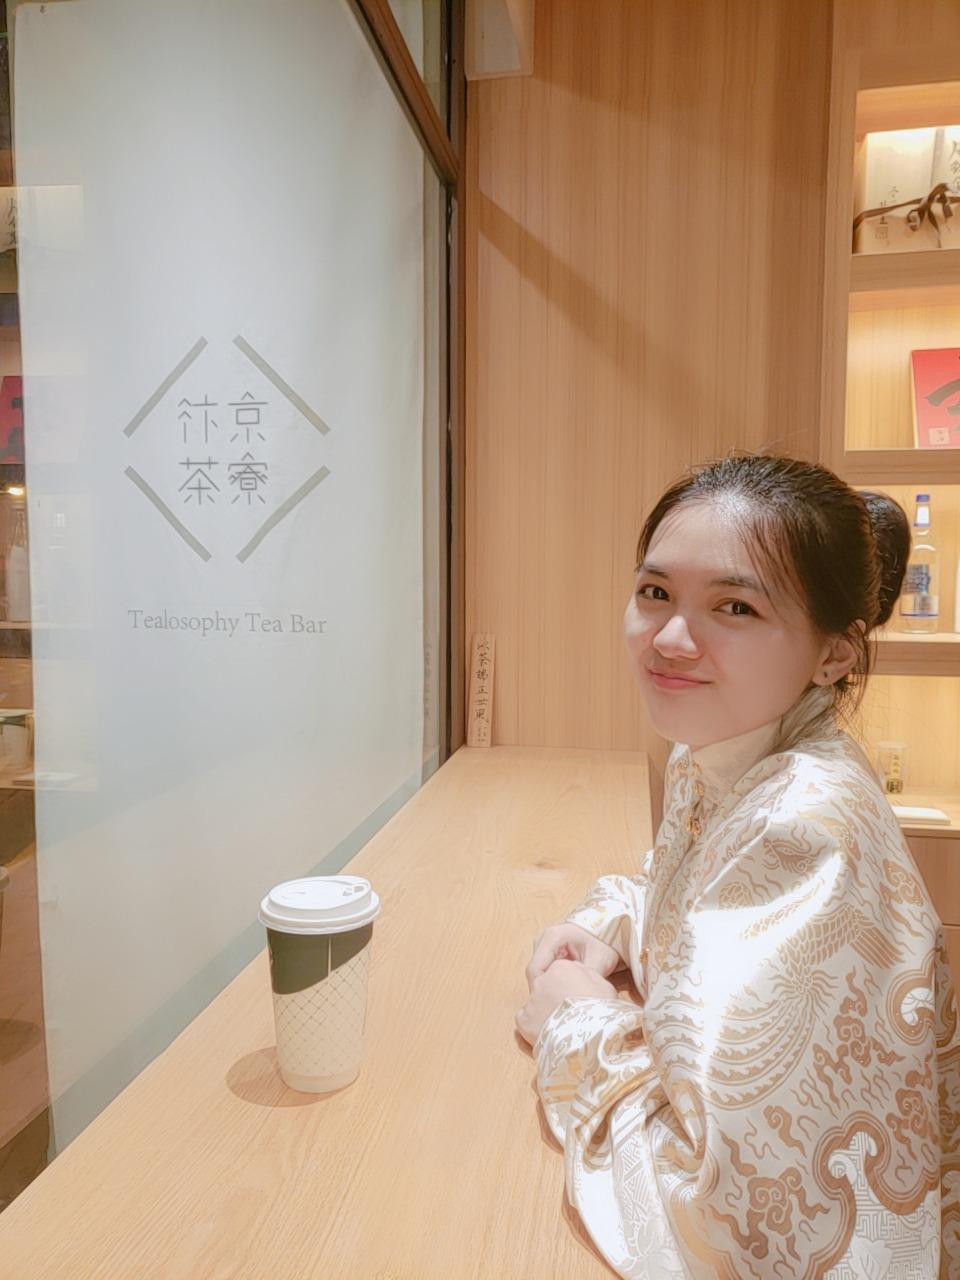 當代中國-中國旅遊-中國文化-漢服-E-漢服香港-7